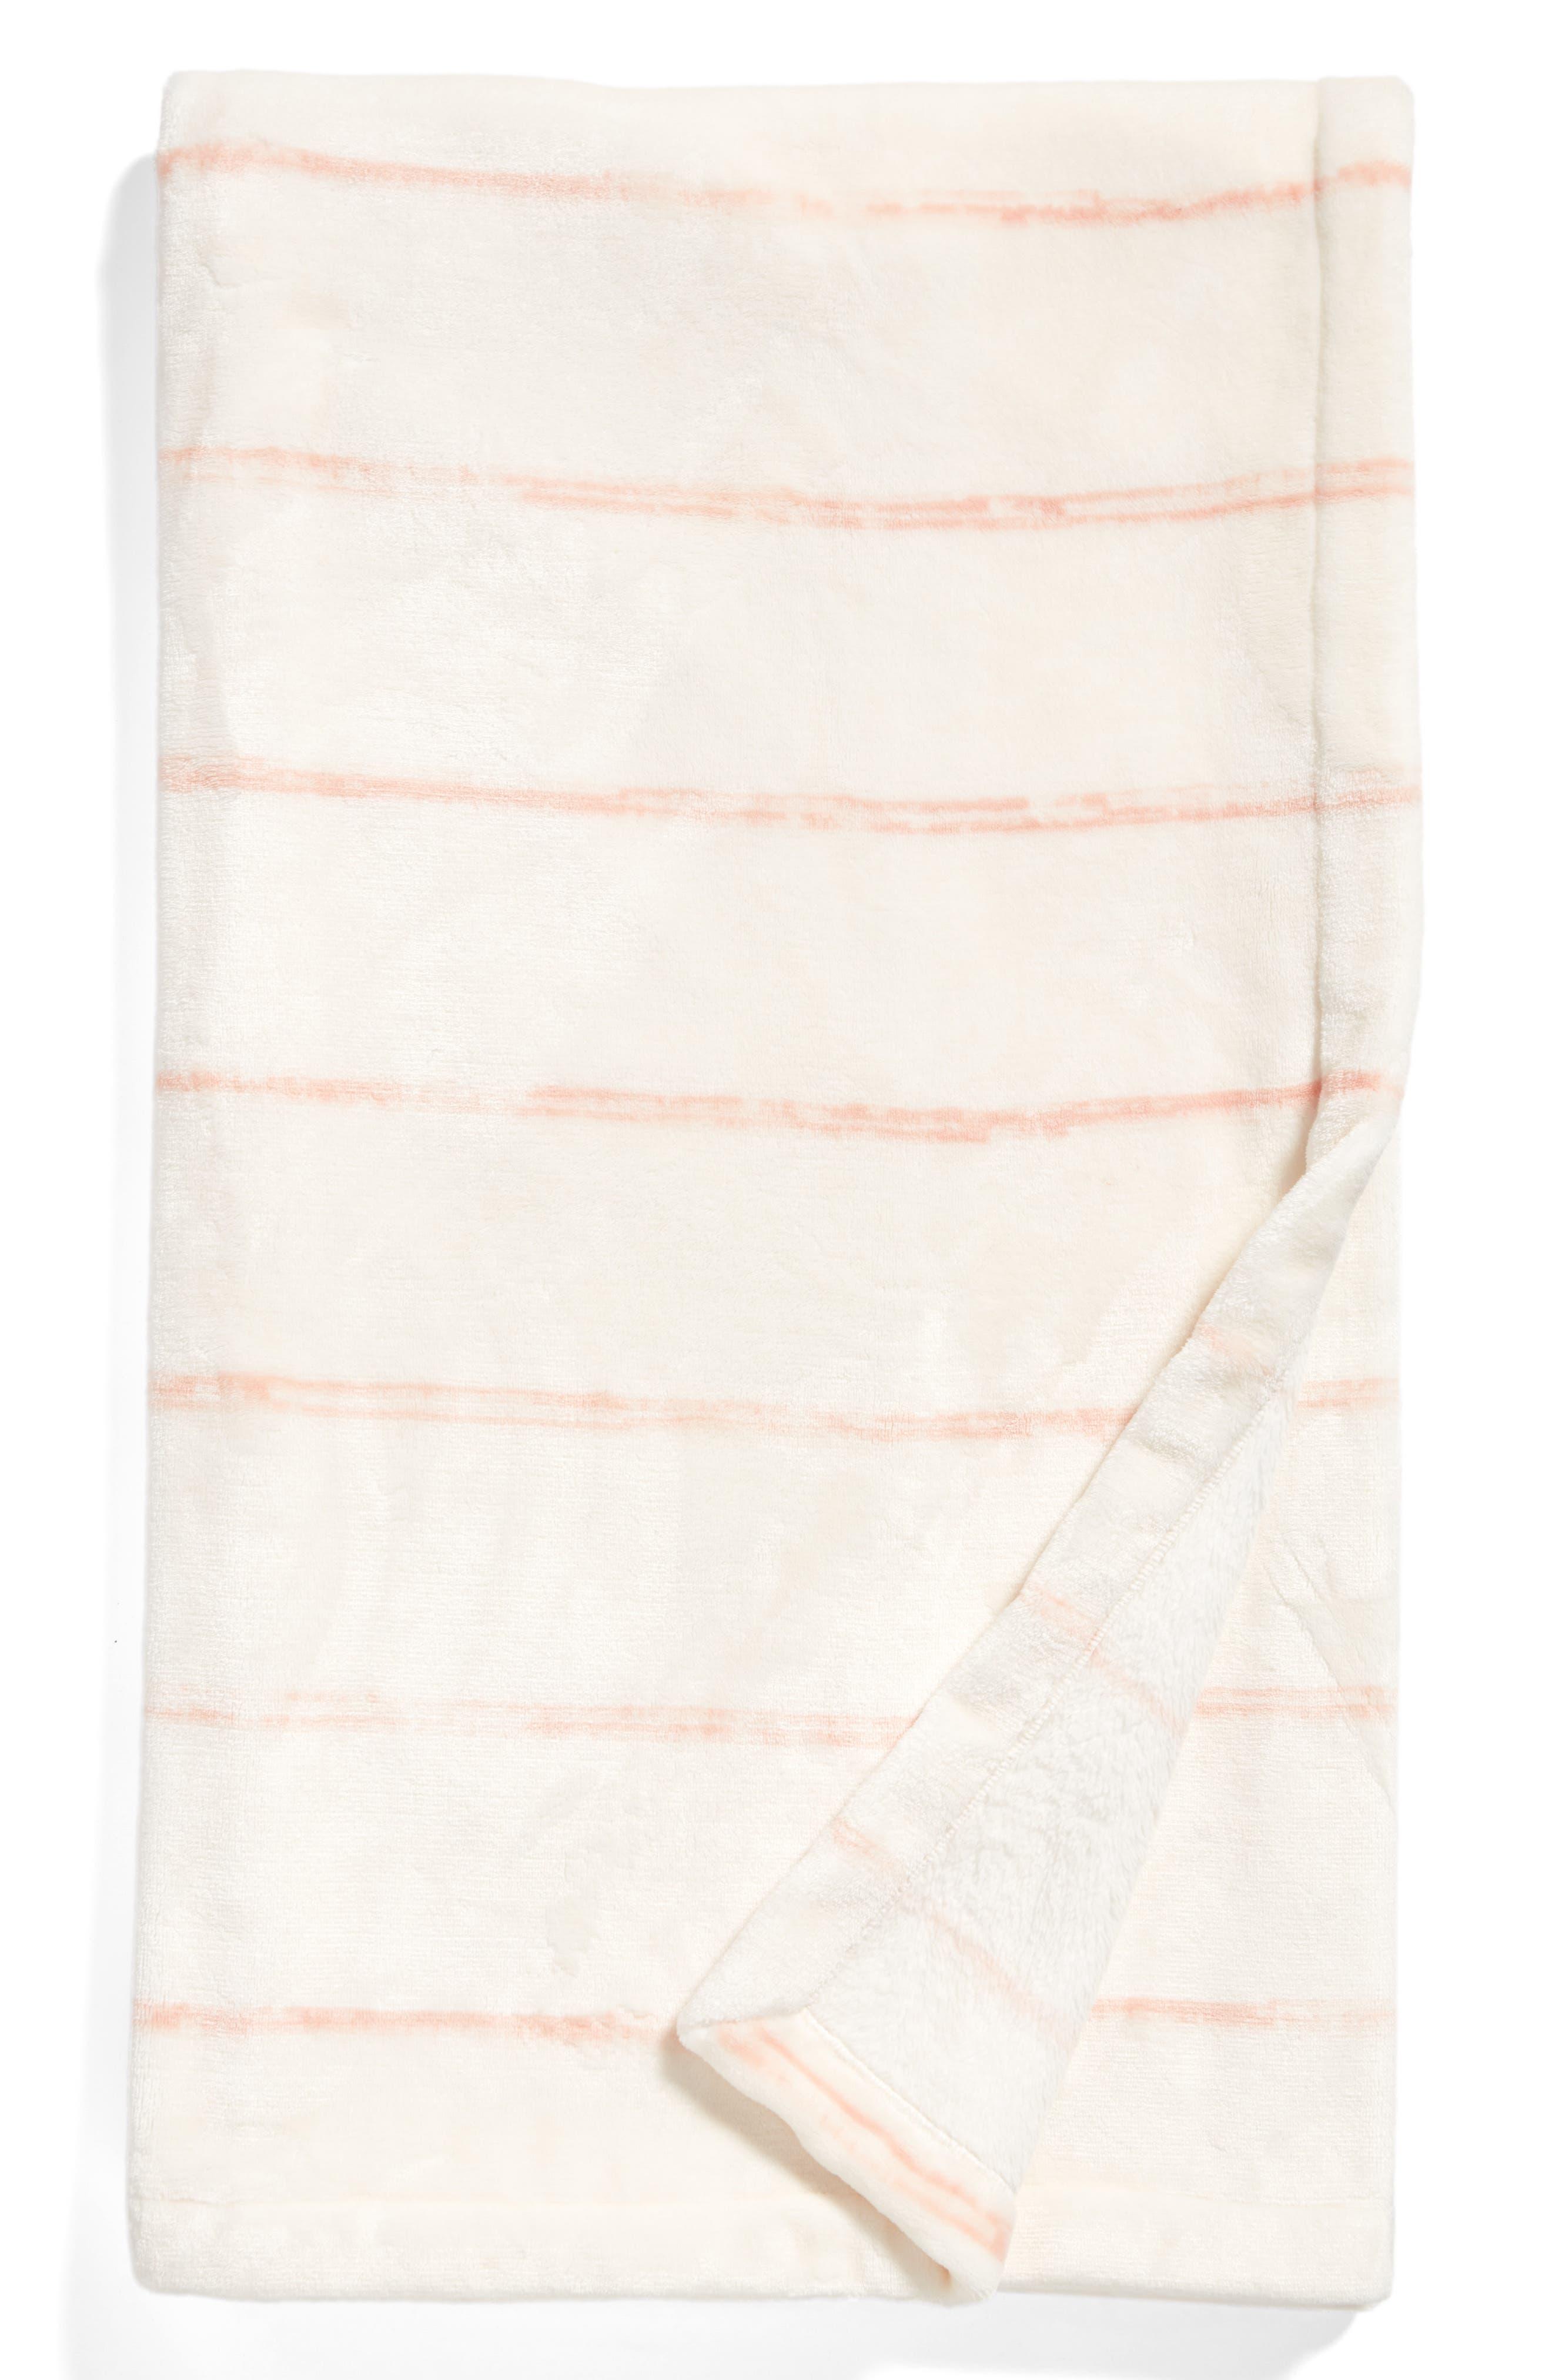 Stripe Throw,                             Main thumbnail 1, color,                             Blush